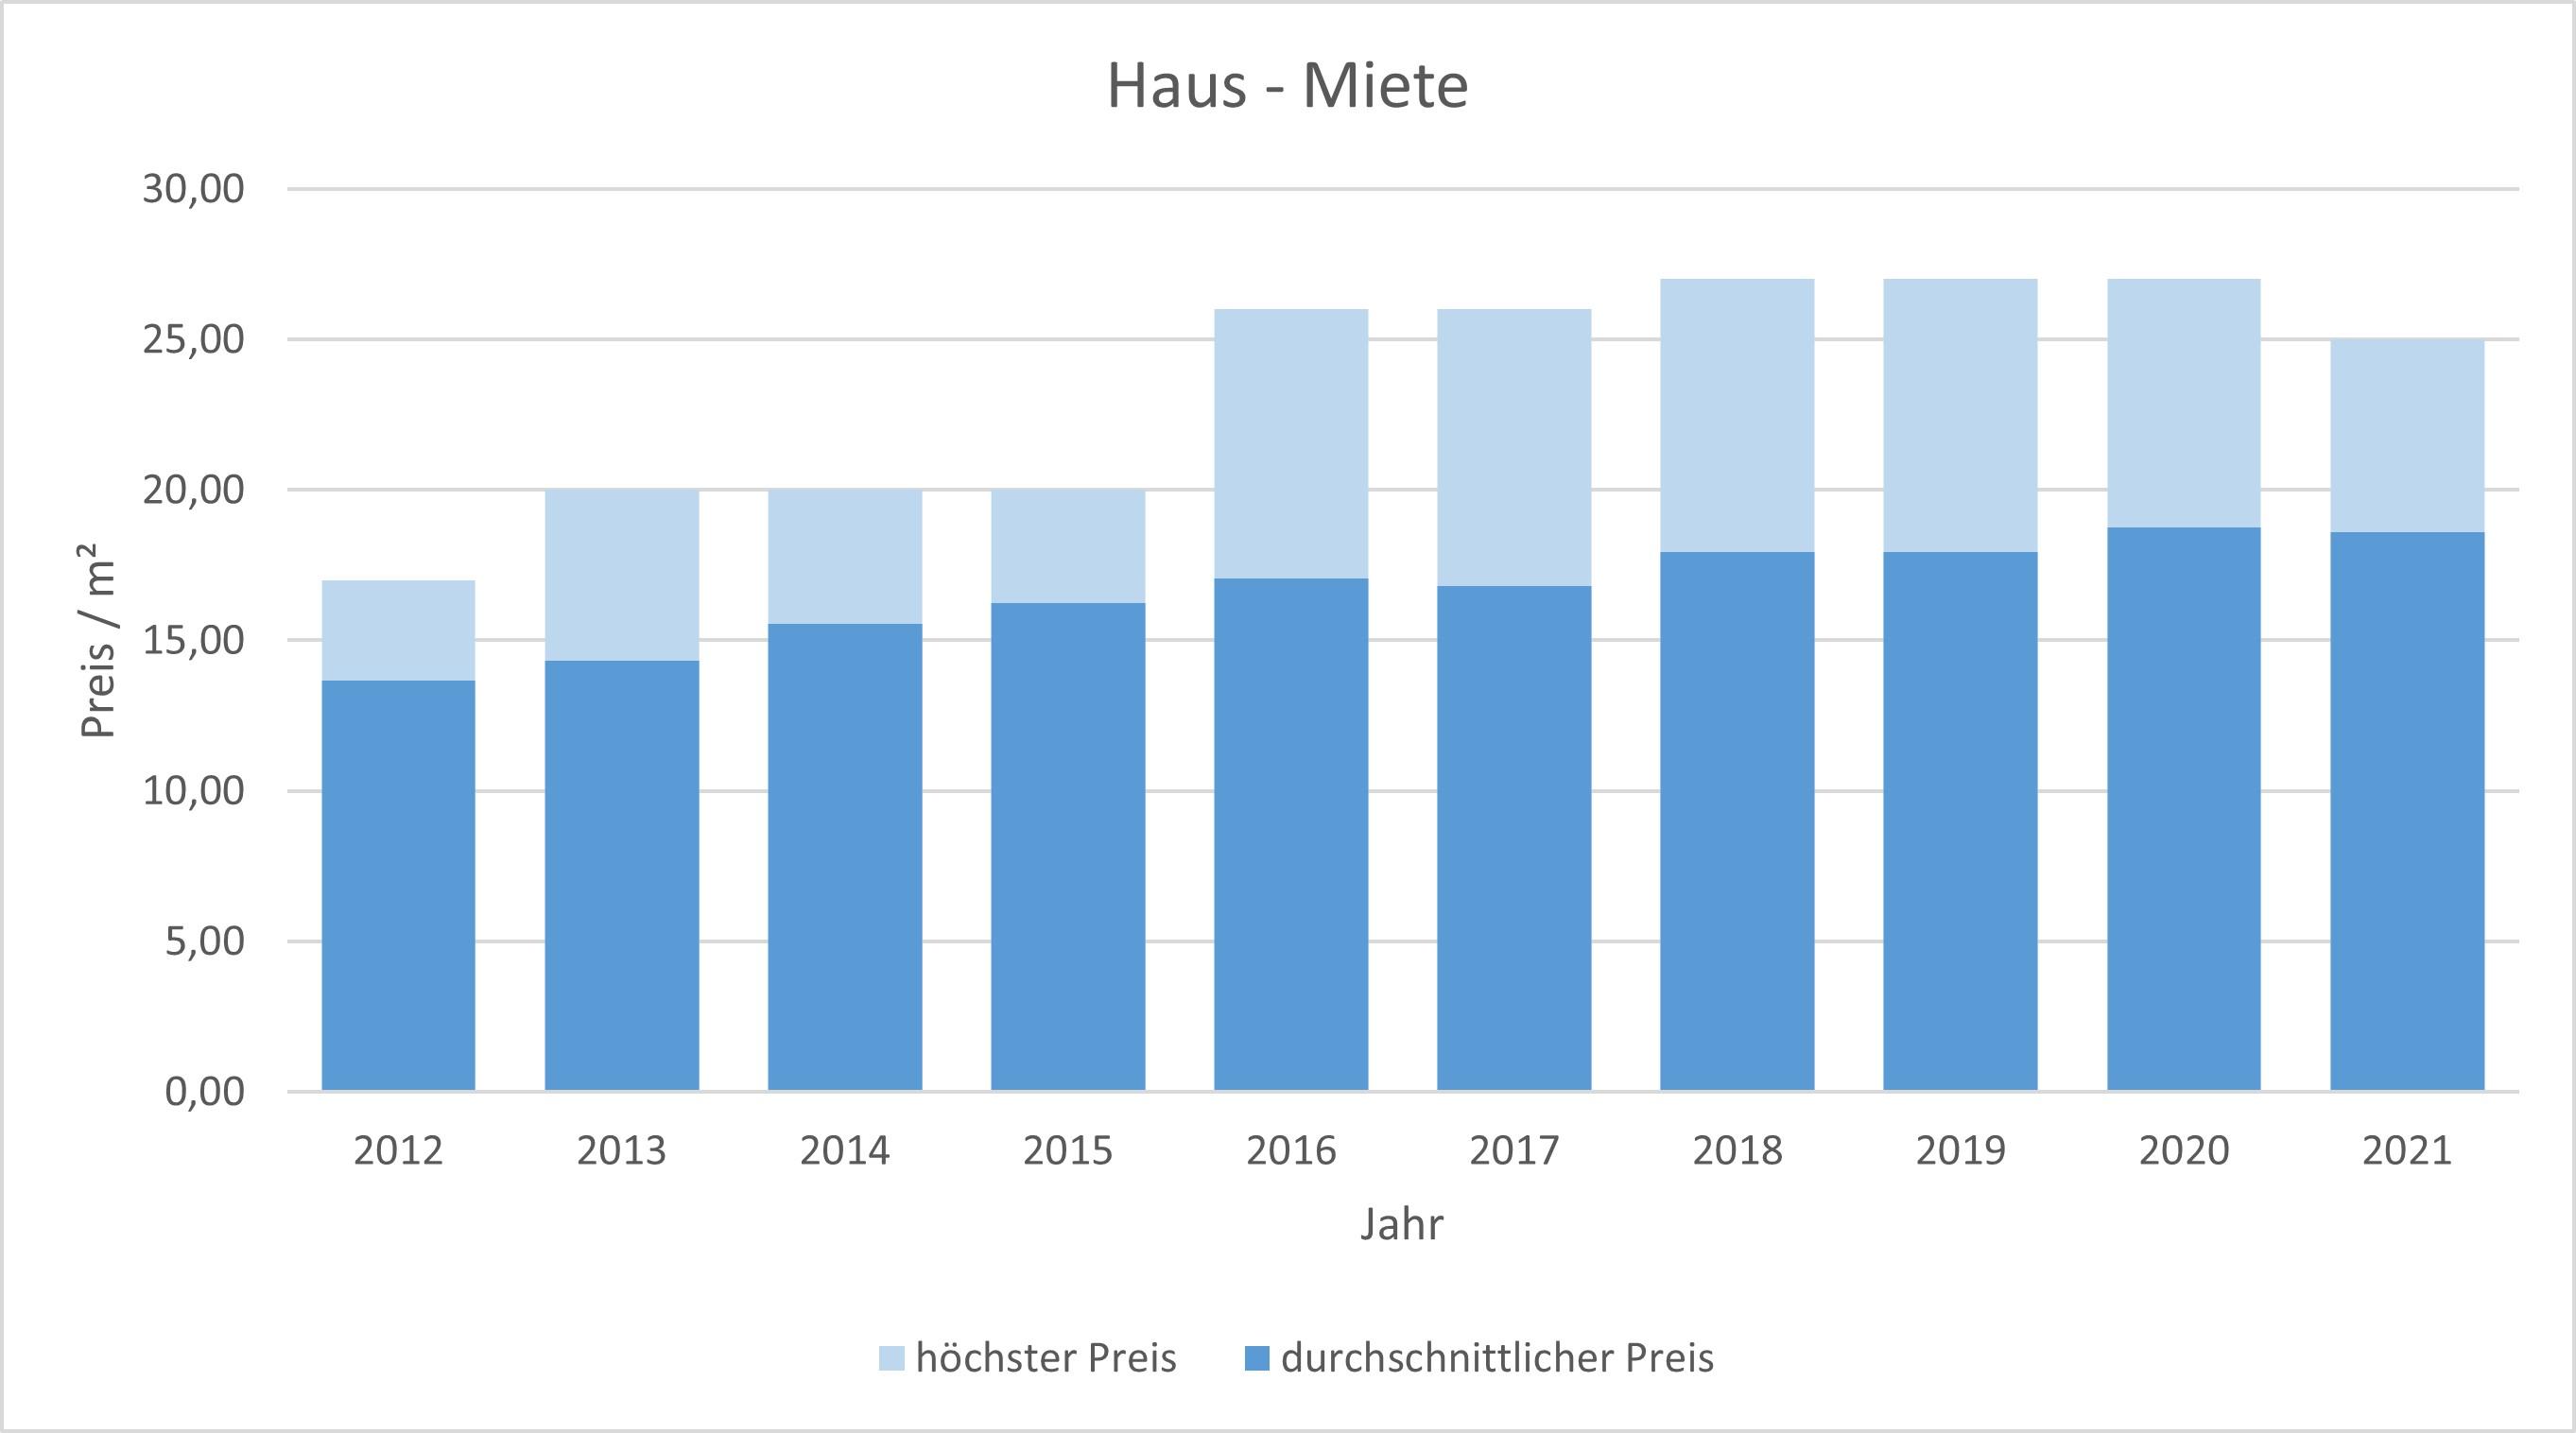 München - Laim Haus mieten vermieten Preis Bewertung Makler www.happy-immo.de 2019 2020 2021